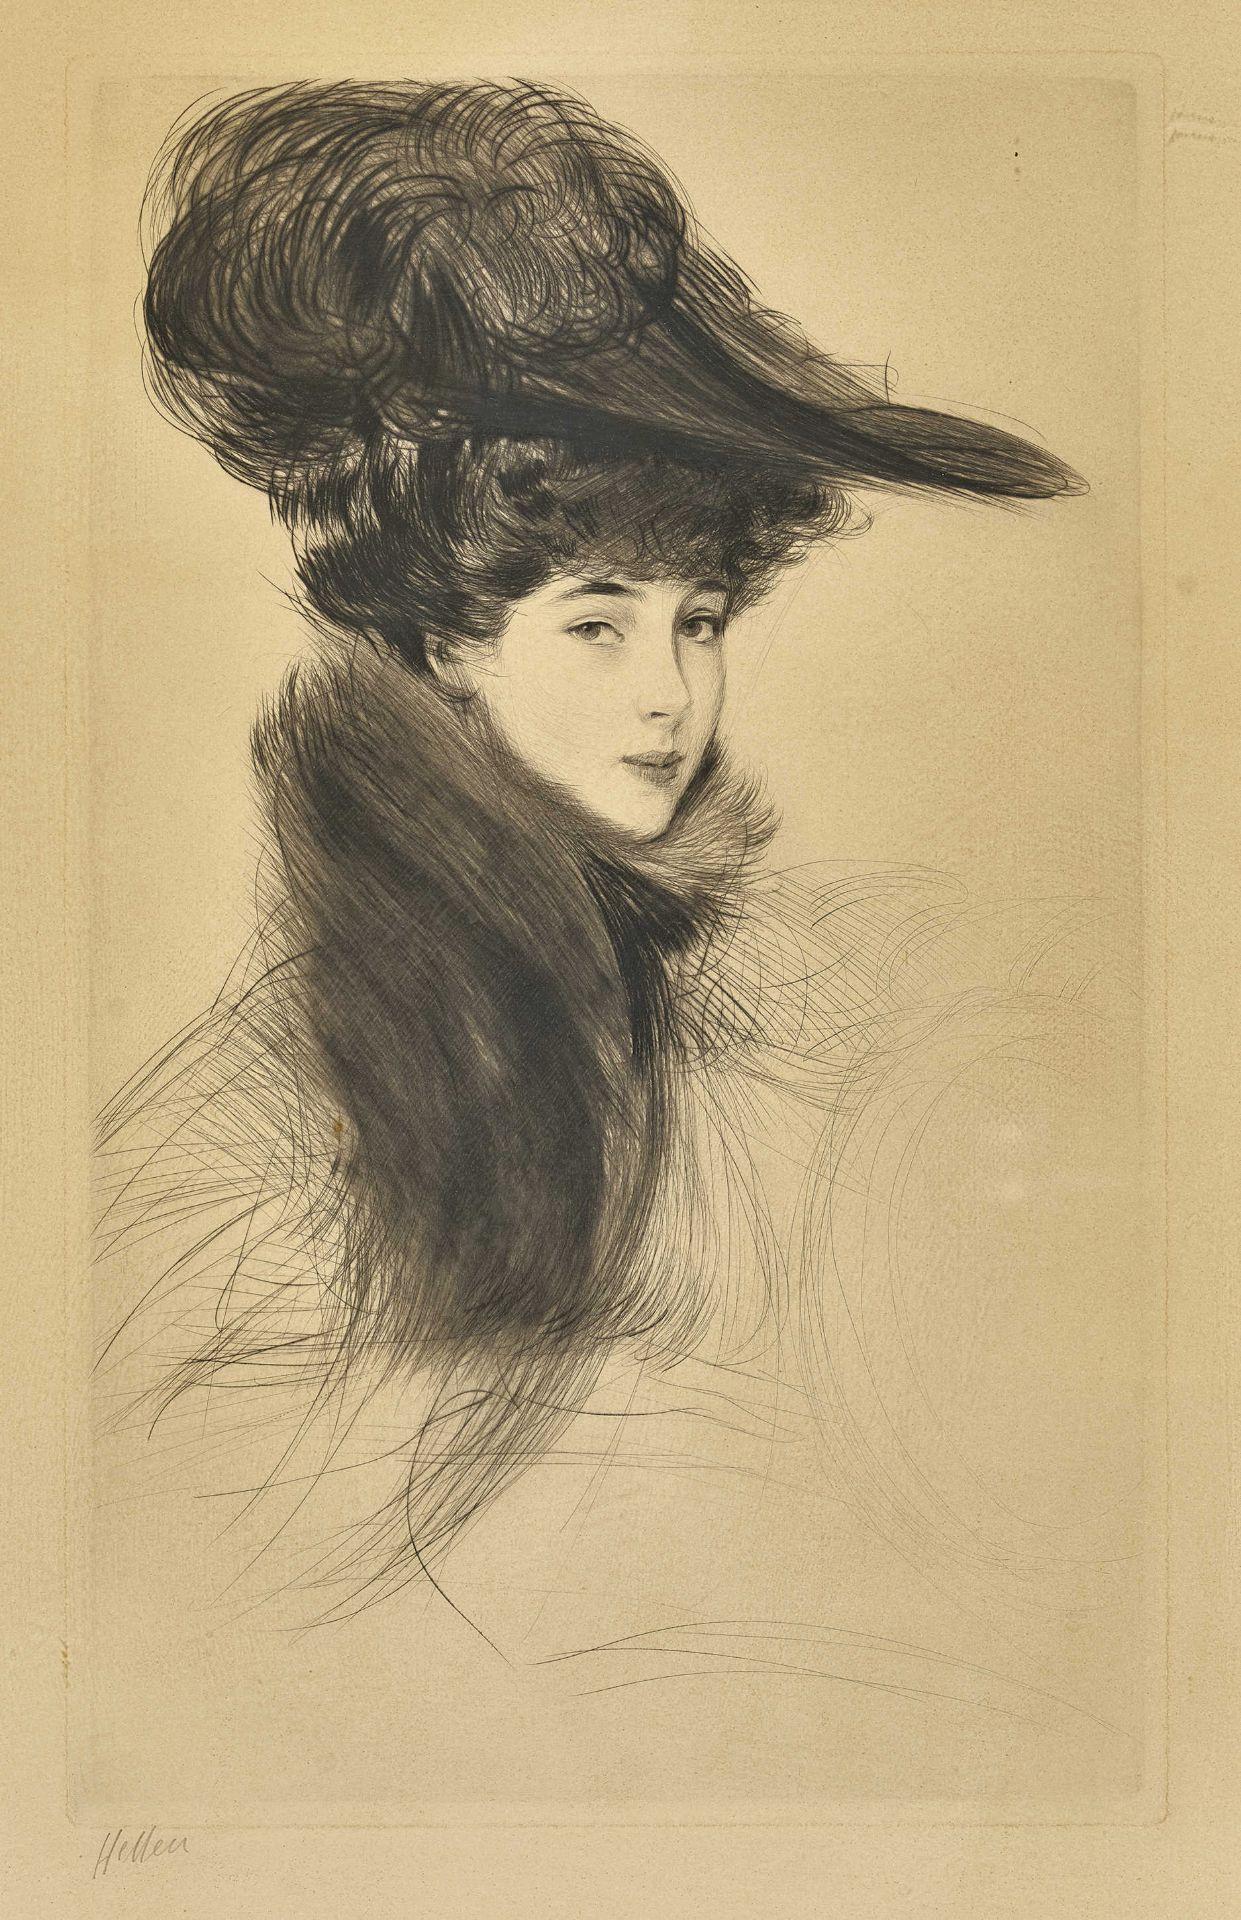 HELLEU, PAUL CÉSAR: Consuelo Vanderbilt (1877-1964), Prinzessin von Marlborough.